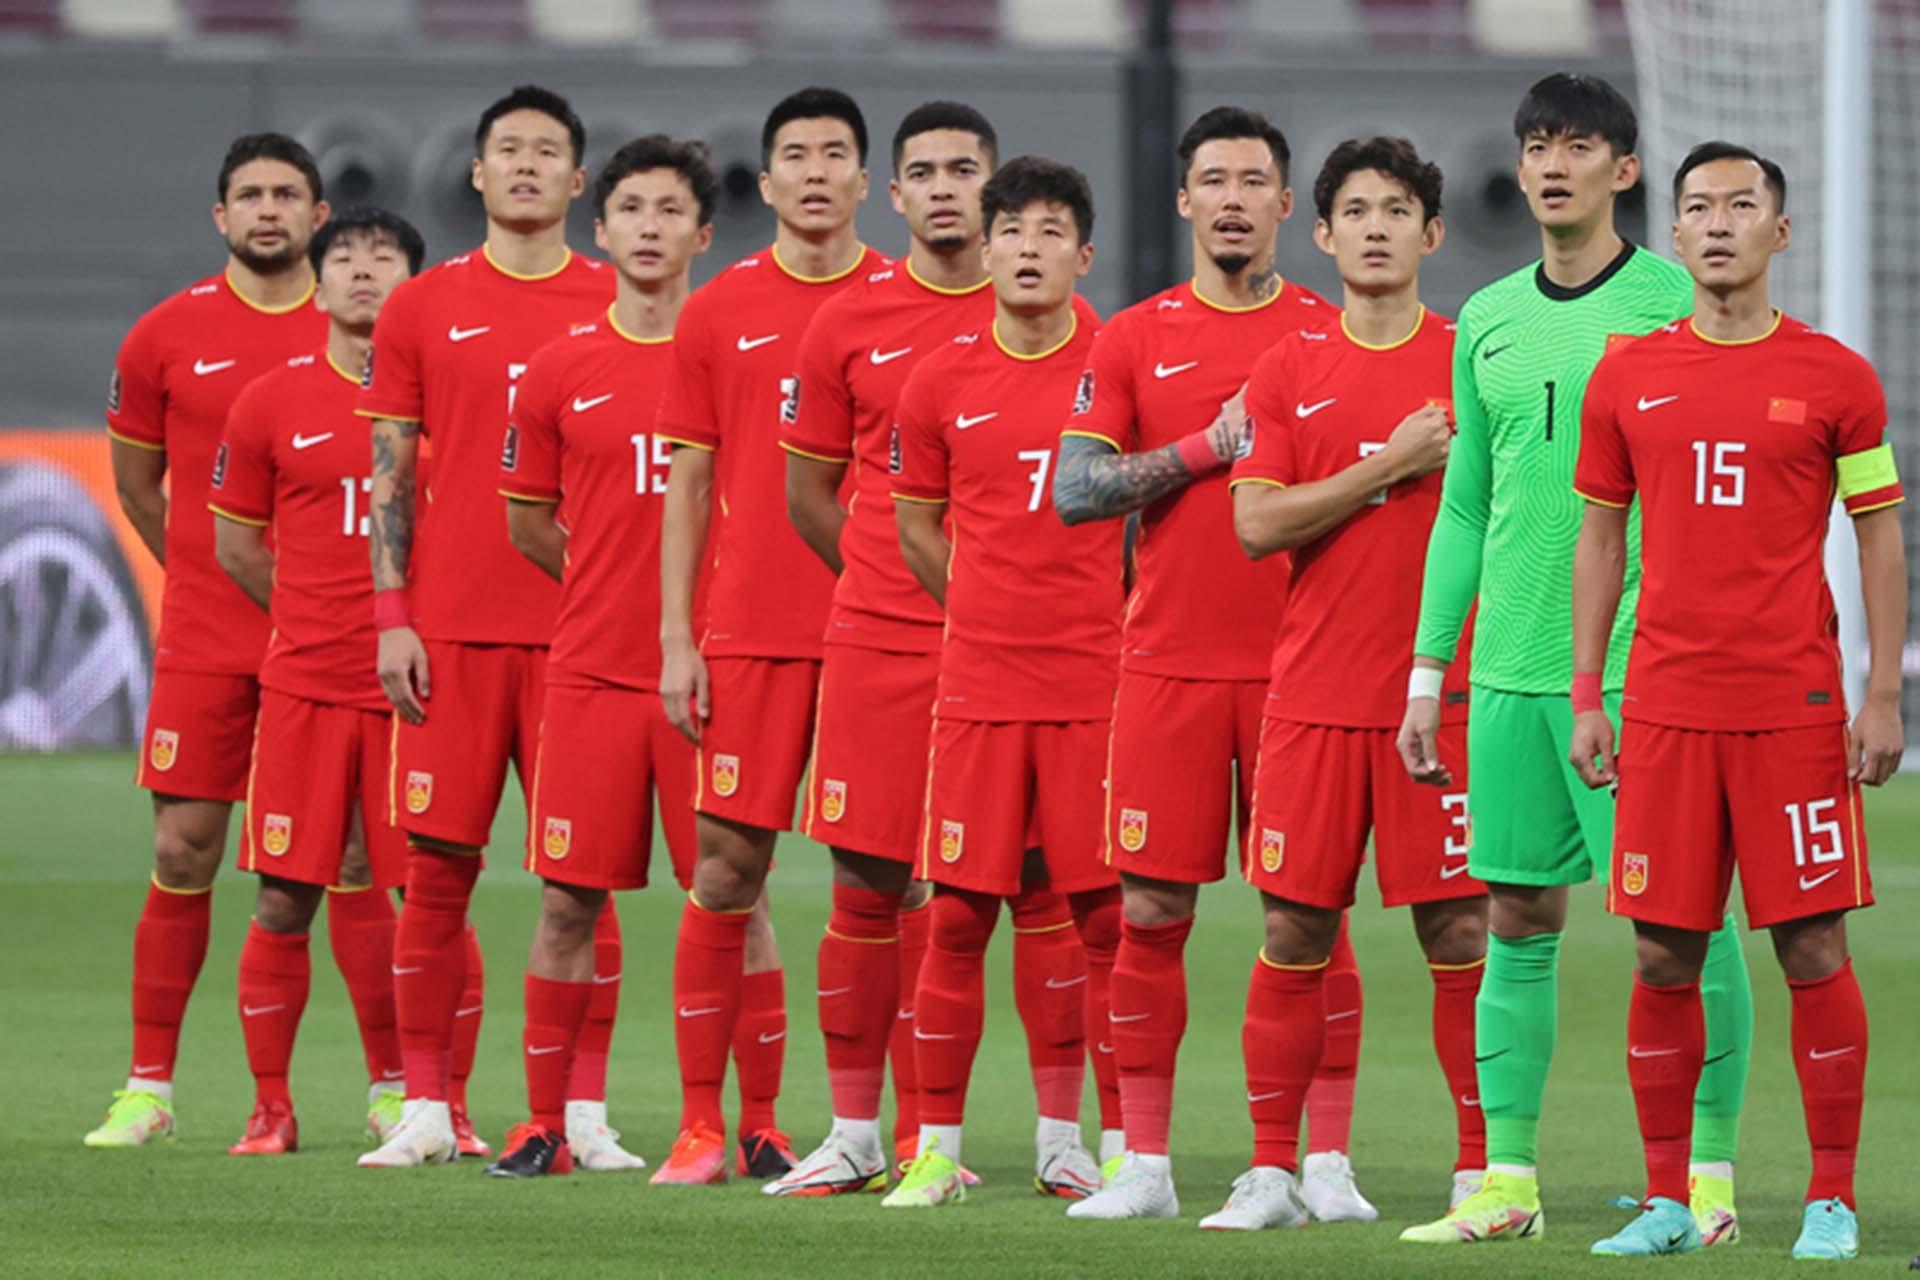 Trung Quốc đến UAE sớm hơn lịch thi đấu